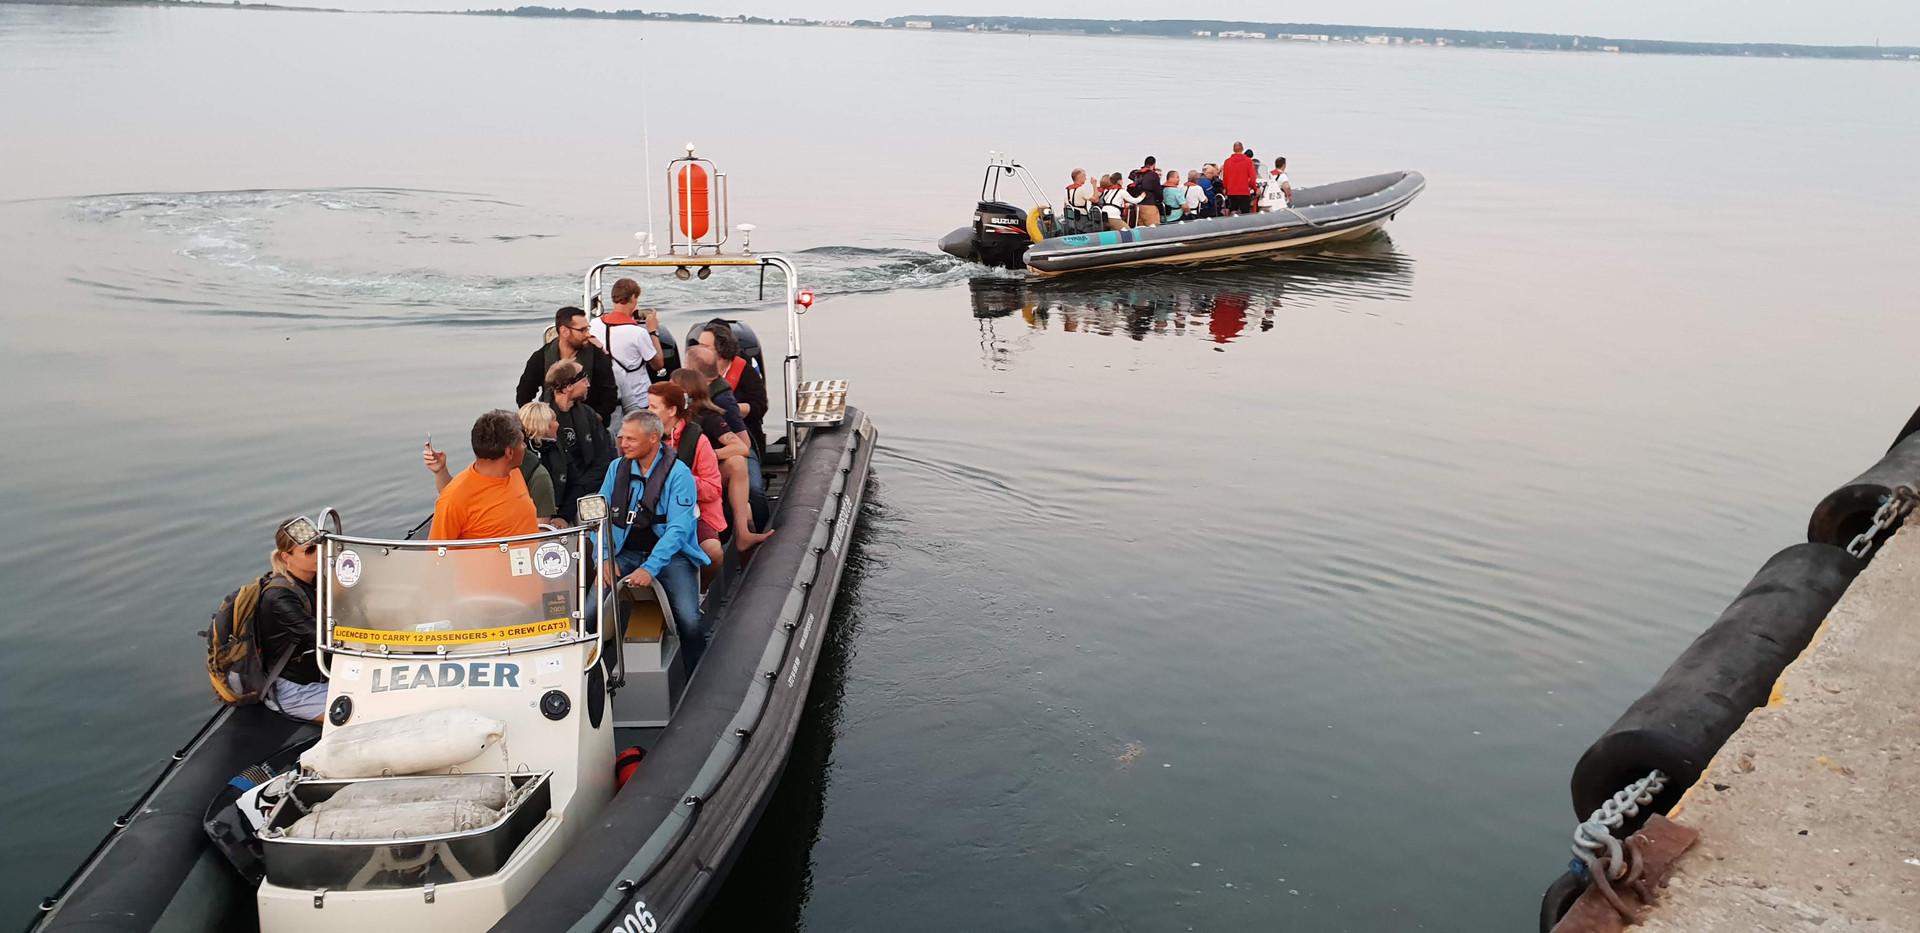 watersport.ee transport